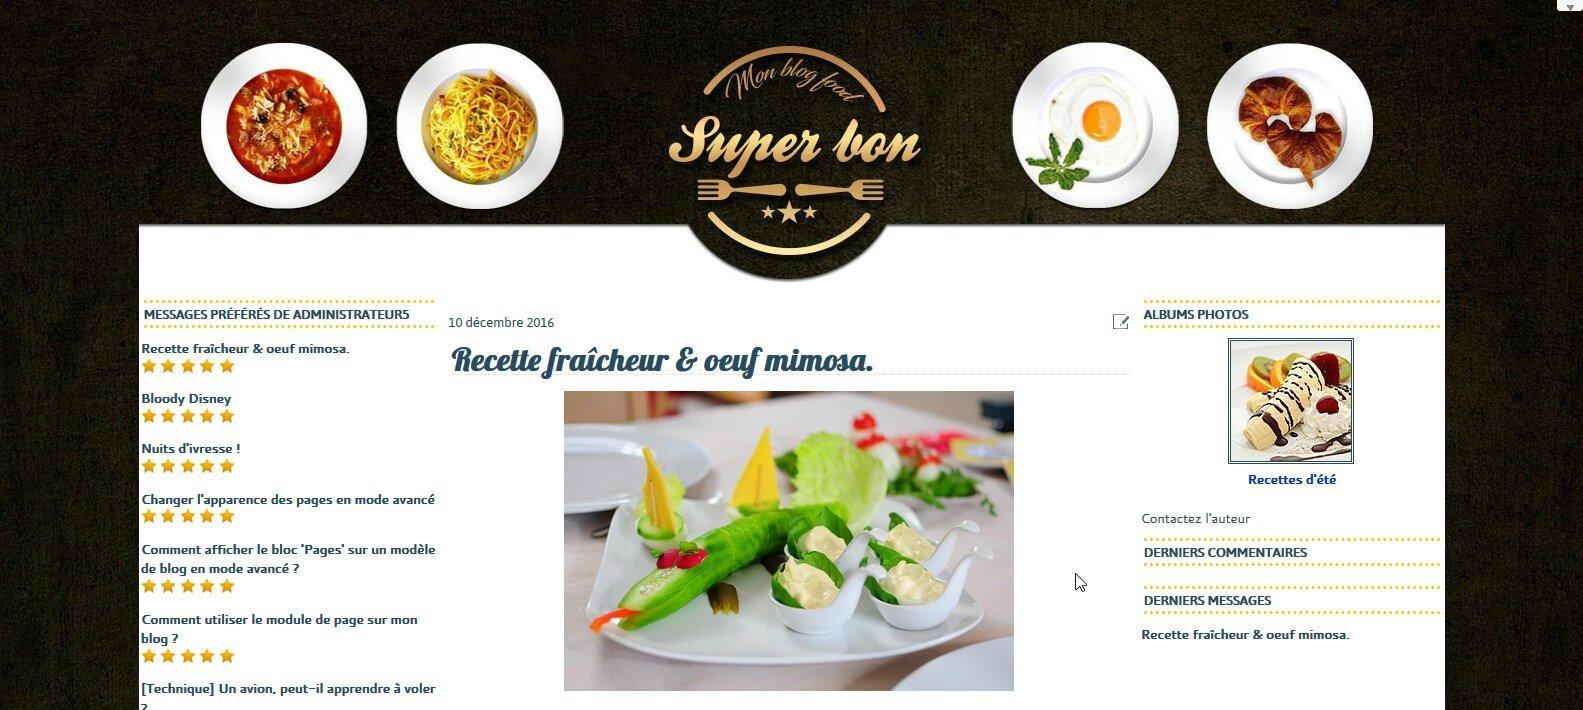 Modéle 02 disponible - Convient à un blog culinaire.